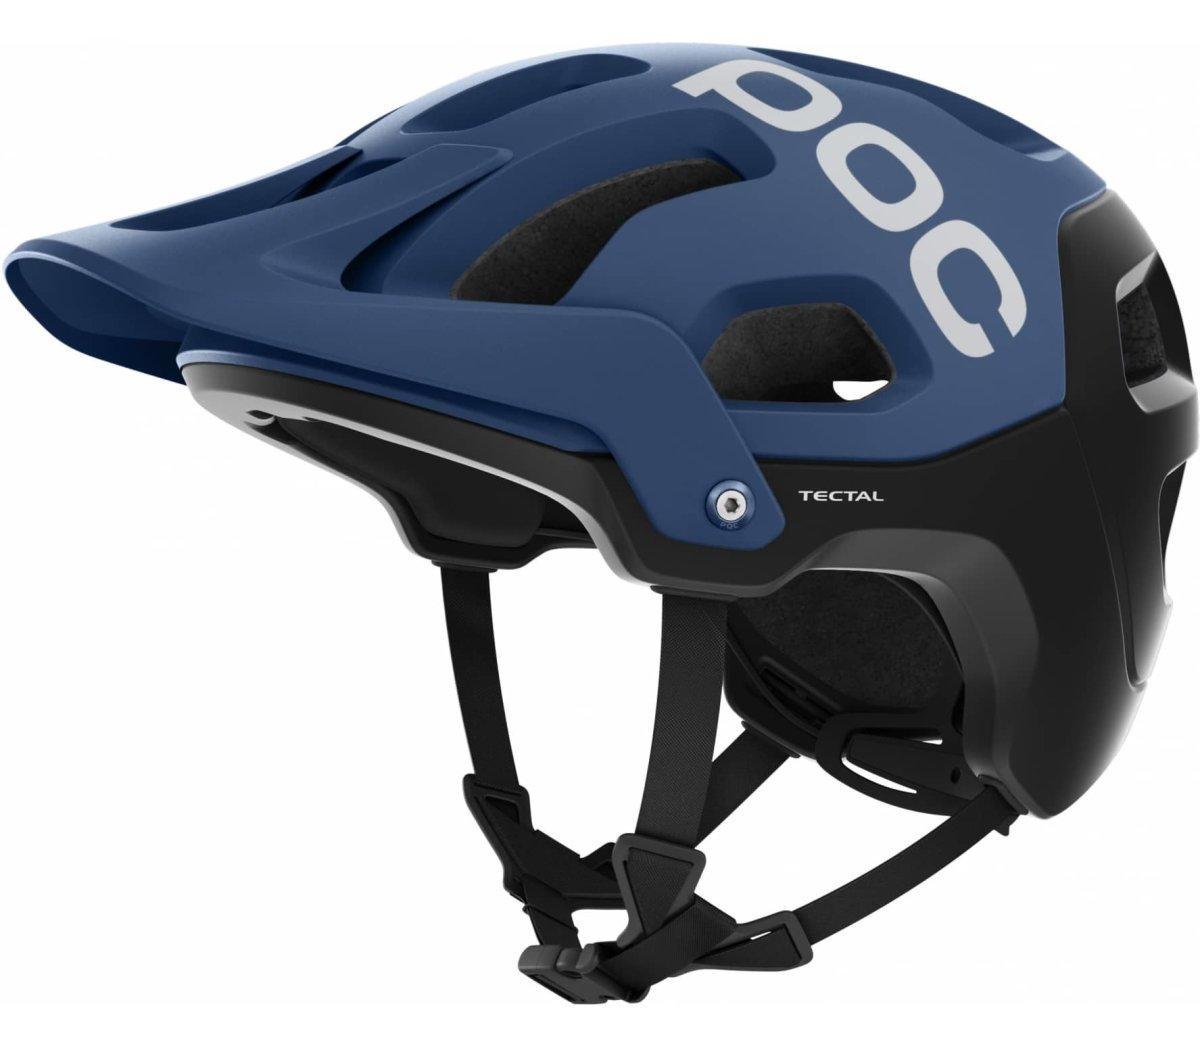 Шолом велосипедний POC Tectal XS/S 51-54 Stibium Blue